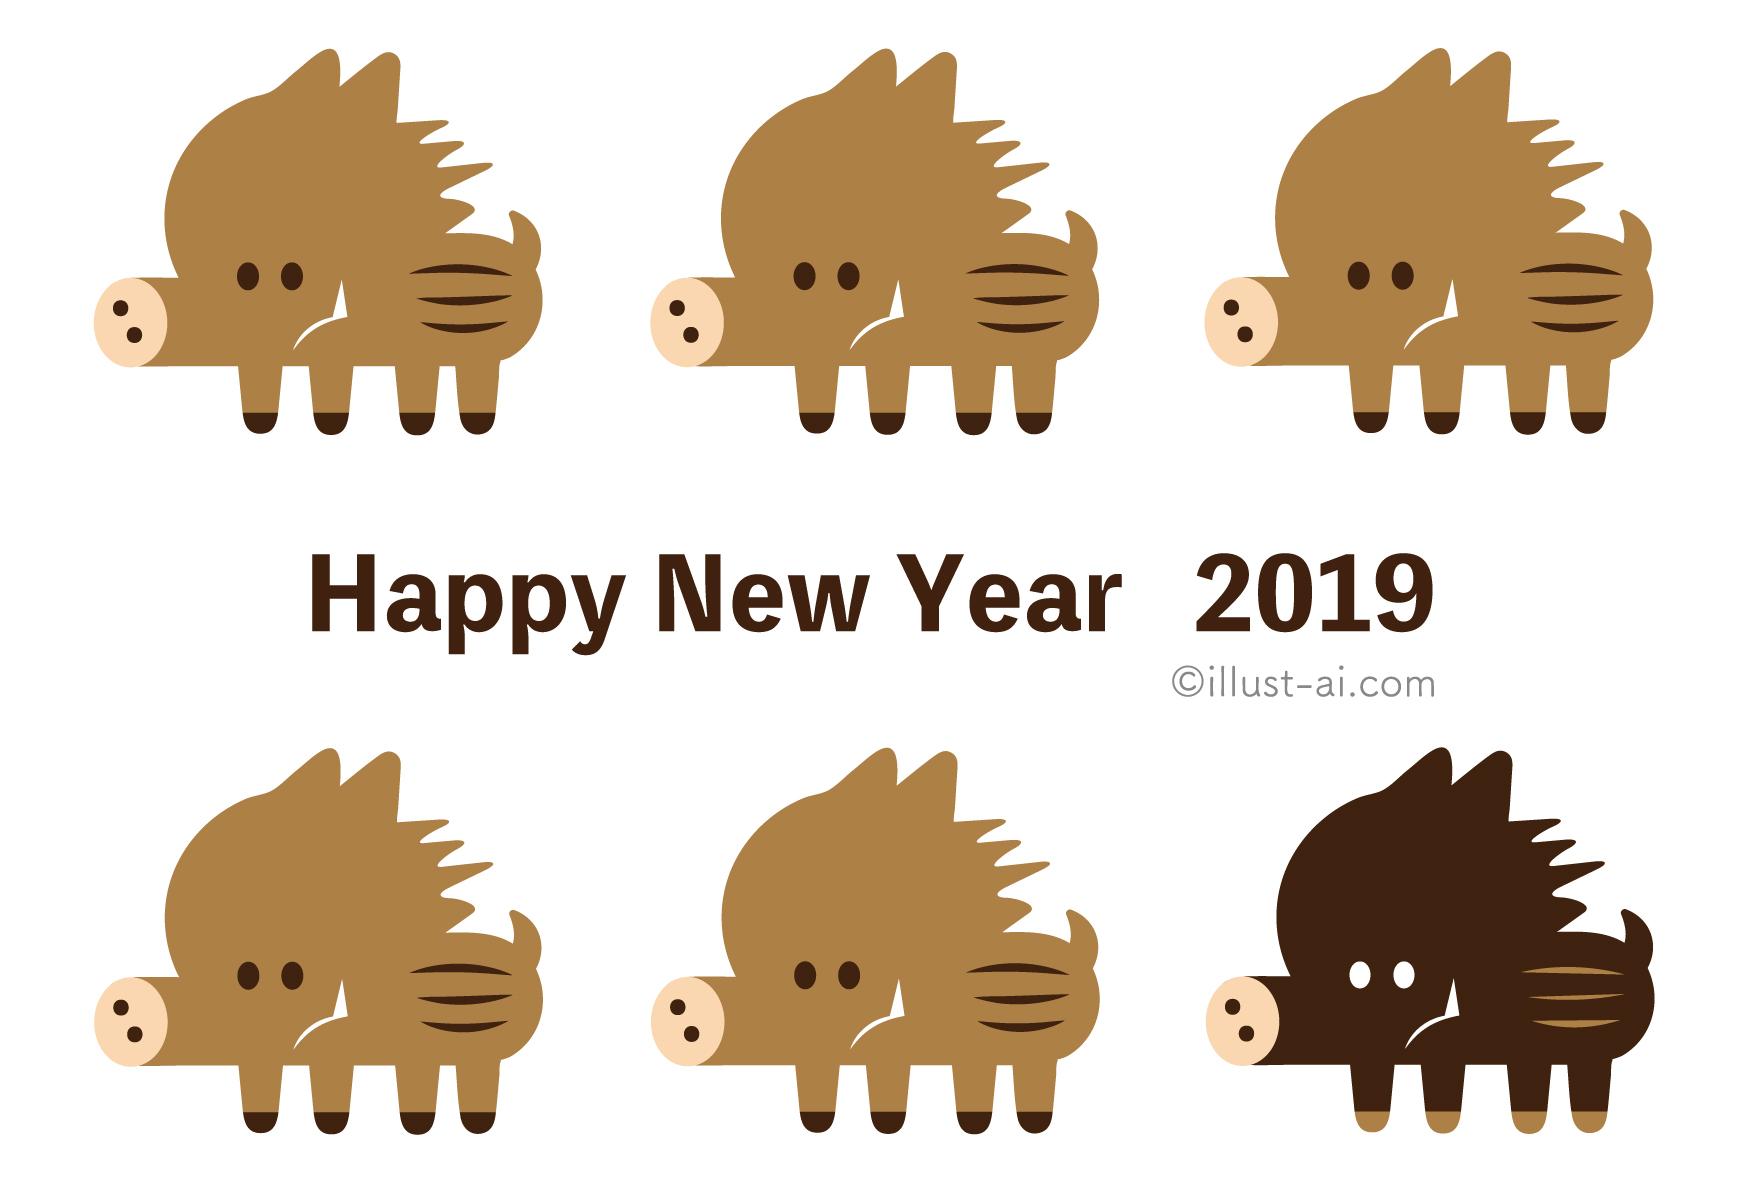 年賀状 亥年6匹の猪のイラスト 年賀状2019無料イラスト素材集